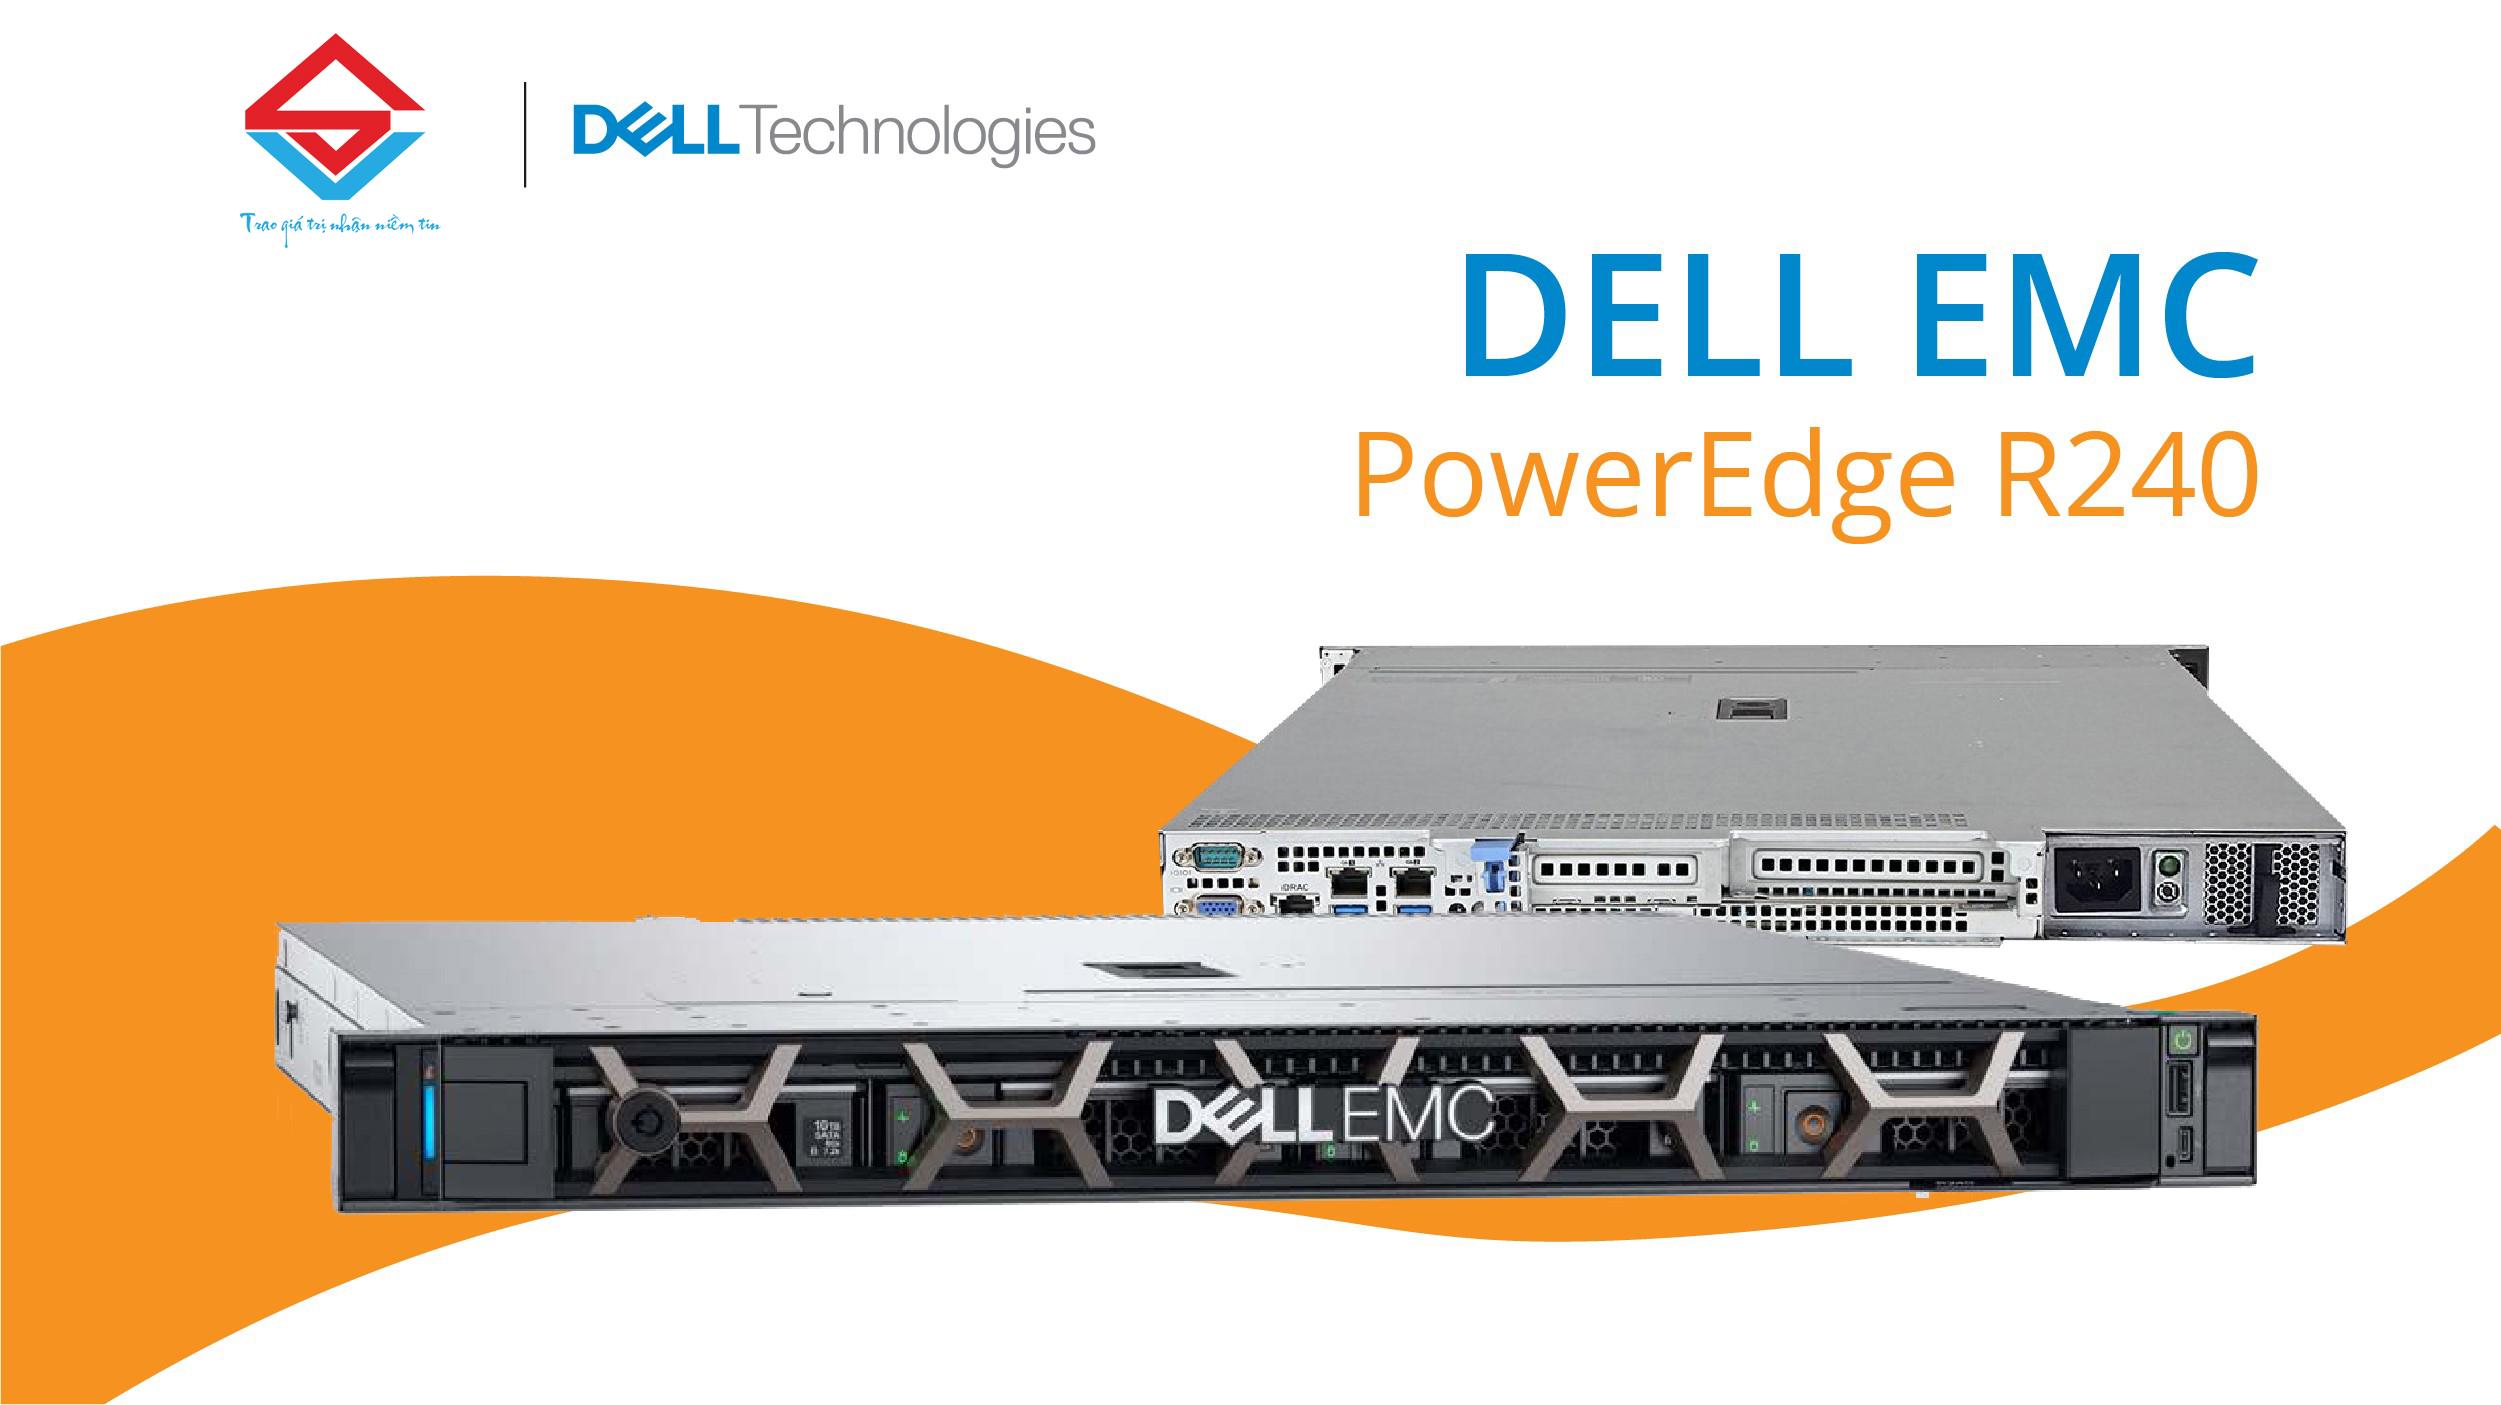 Dell PowerEdge R240 - Máy chủ 1U dạng Rack được thiết kế cho các doanh nghiệp vừa và nhỏ với ngân sách tối ưu nhất.